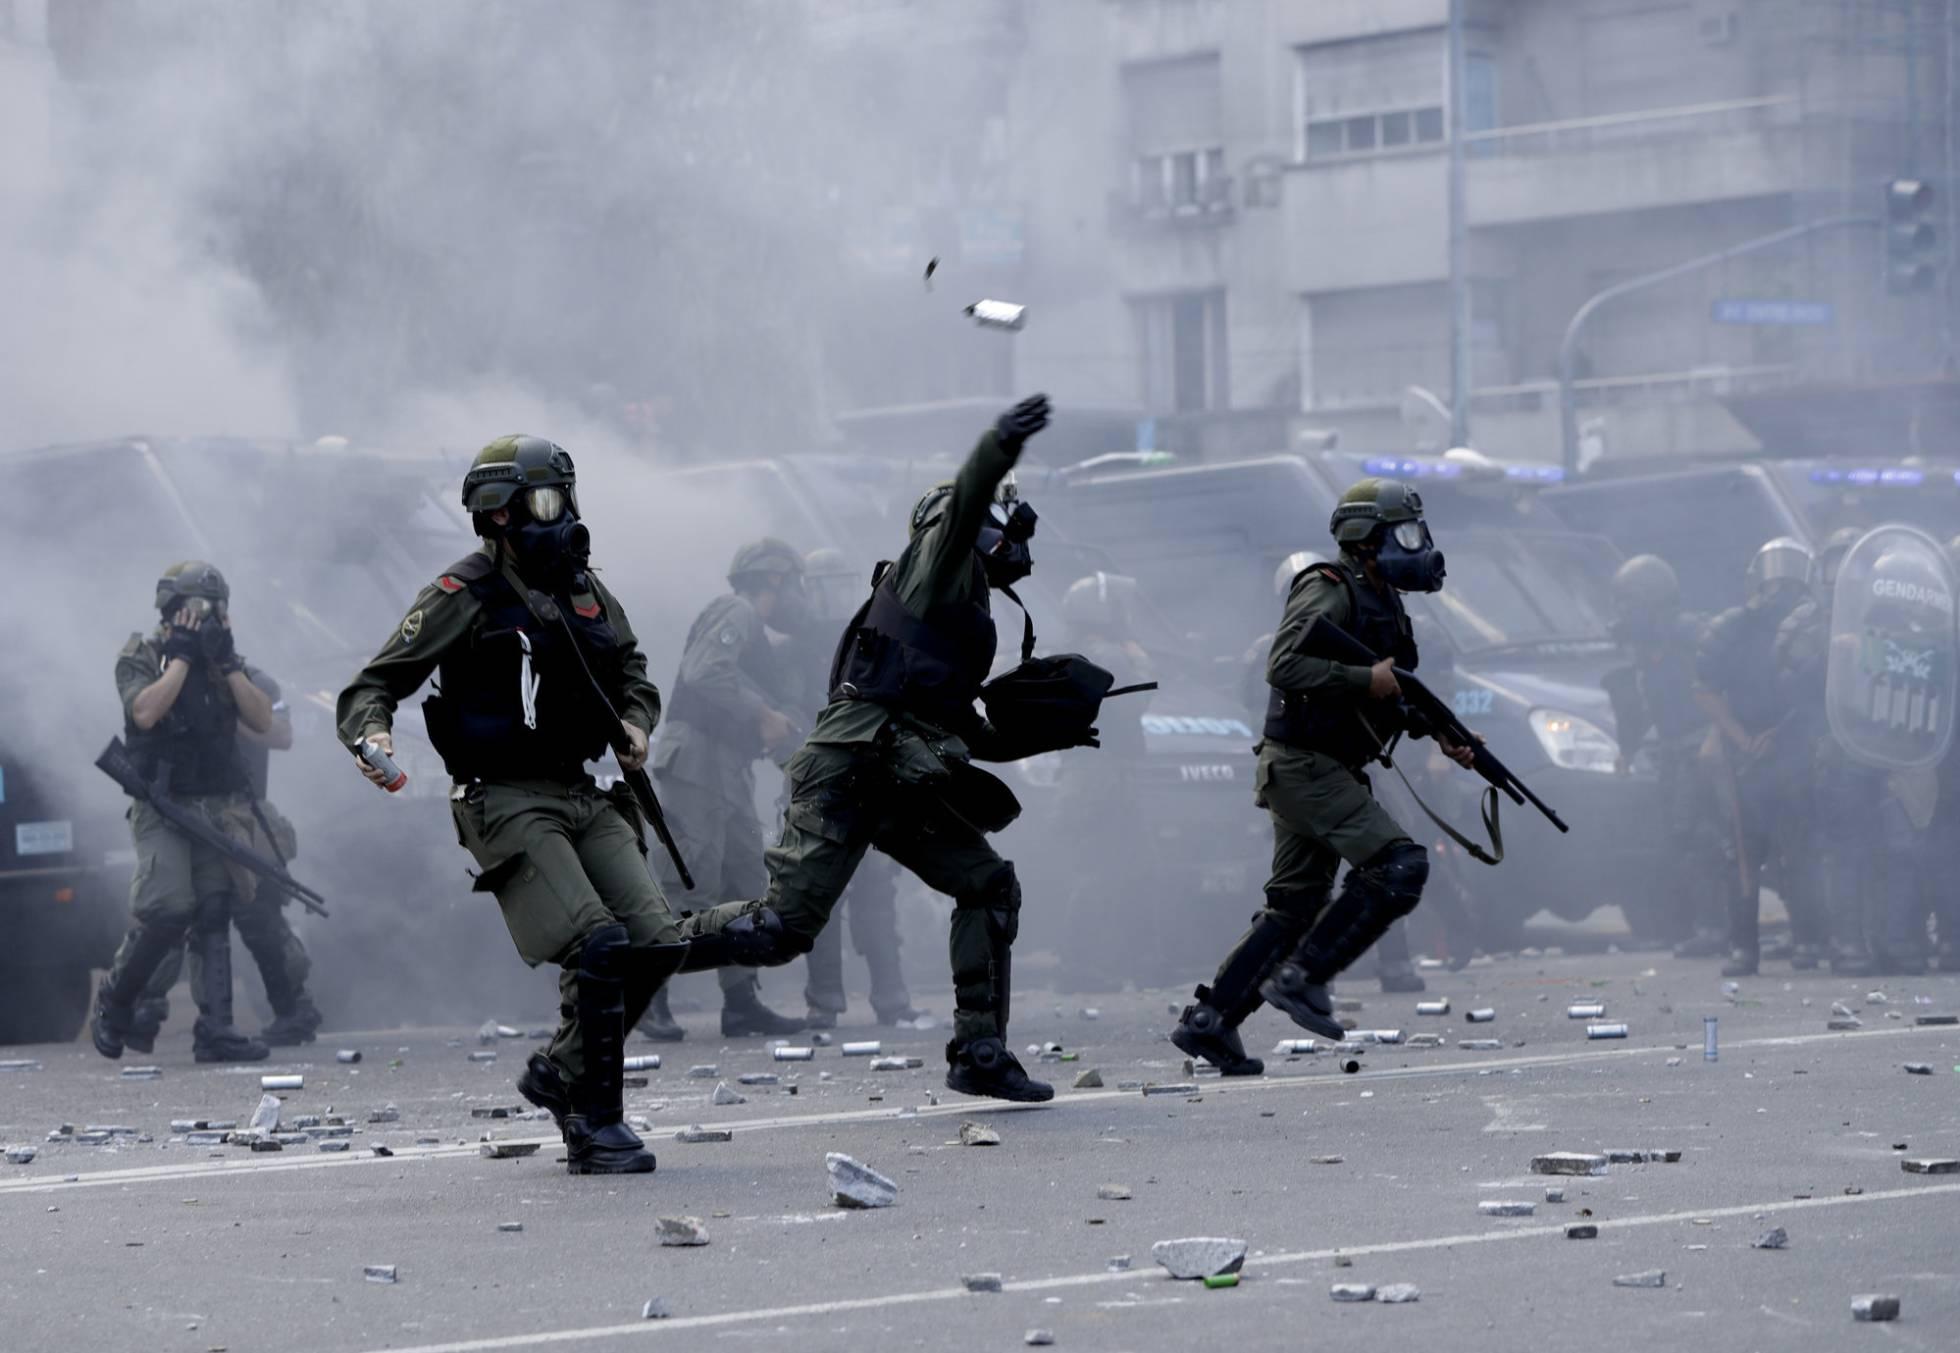 Los disturbios obligan a suspender la reforma de las pensiones en Argentina